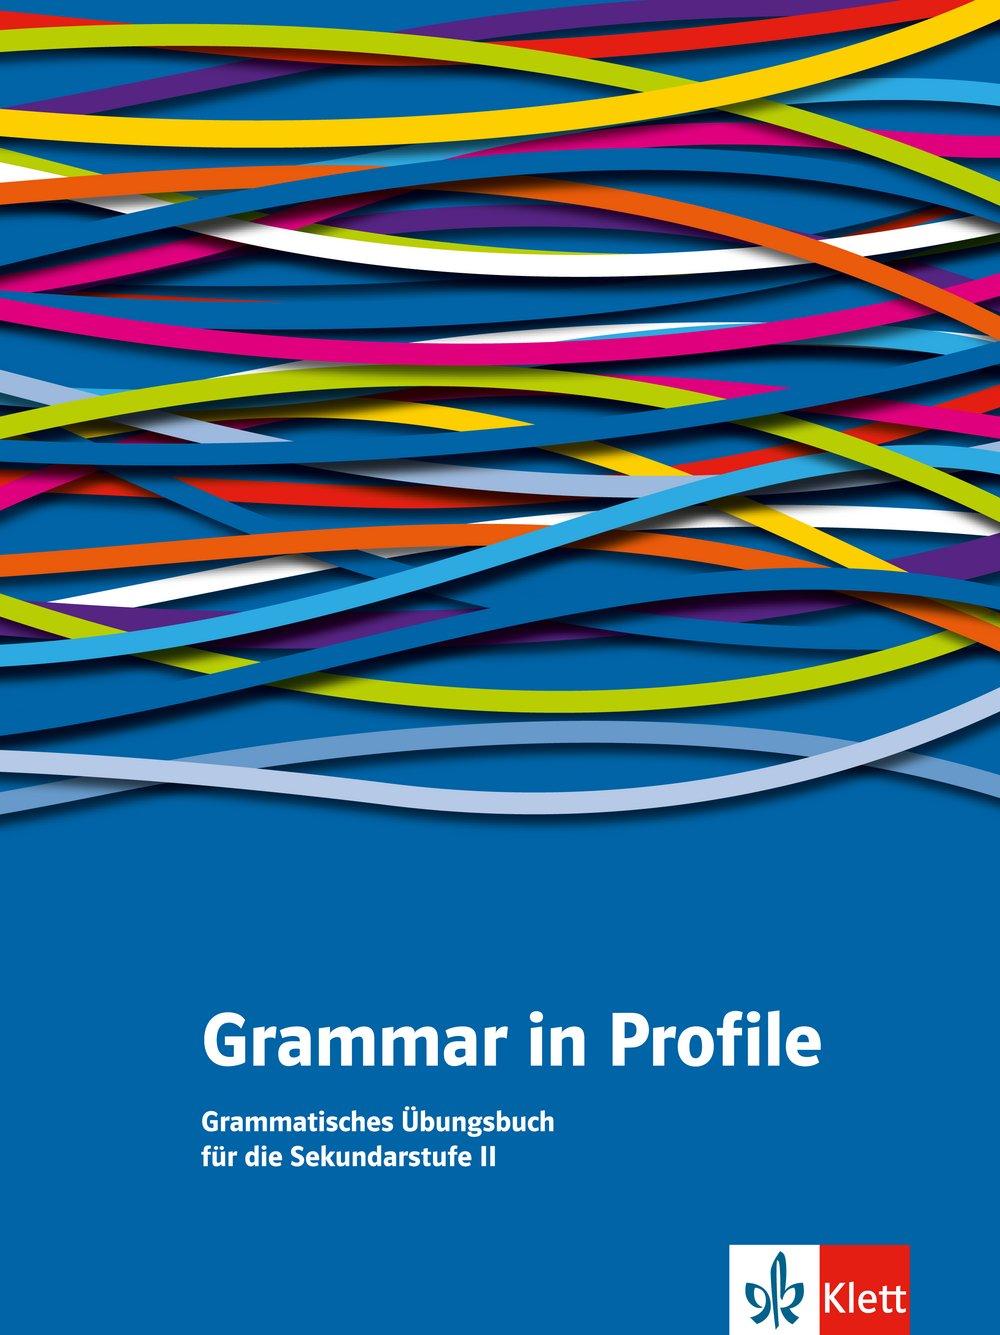 Grammar in Profile: Grammatisches Übungsbuch für die Sekundarstufe II